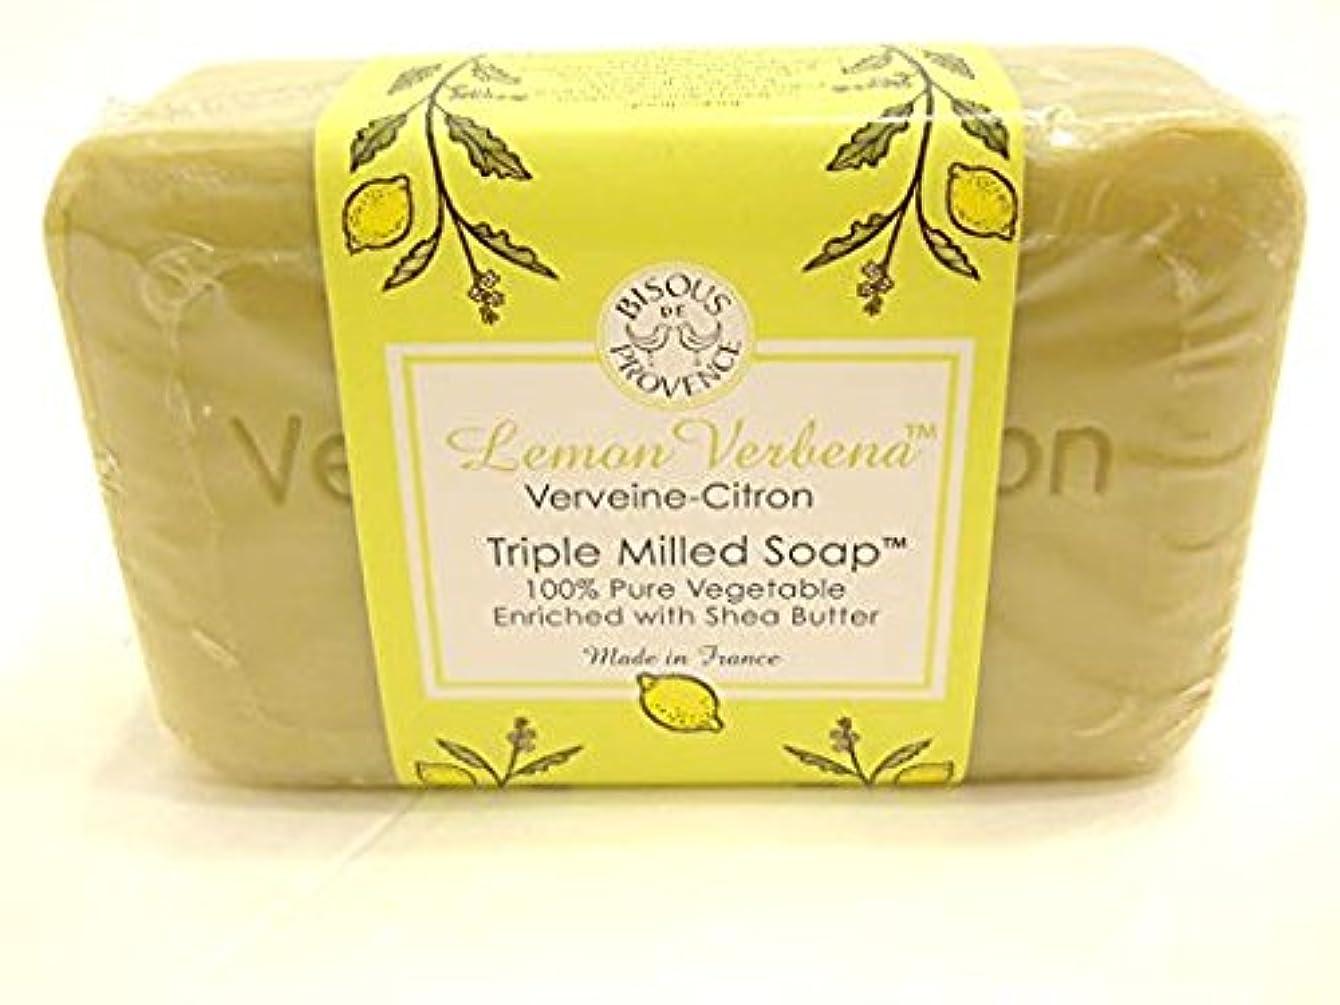 知恵クレジット抜け目がない[トレーダージョーズ] トリプルミルドソープ レモンバーベナ 海外直送品/Trader Joe's Triple Milled Soap Lemon Verbena [並行輸入品]